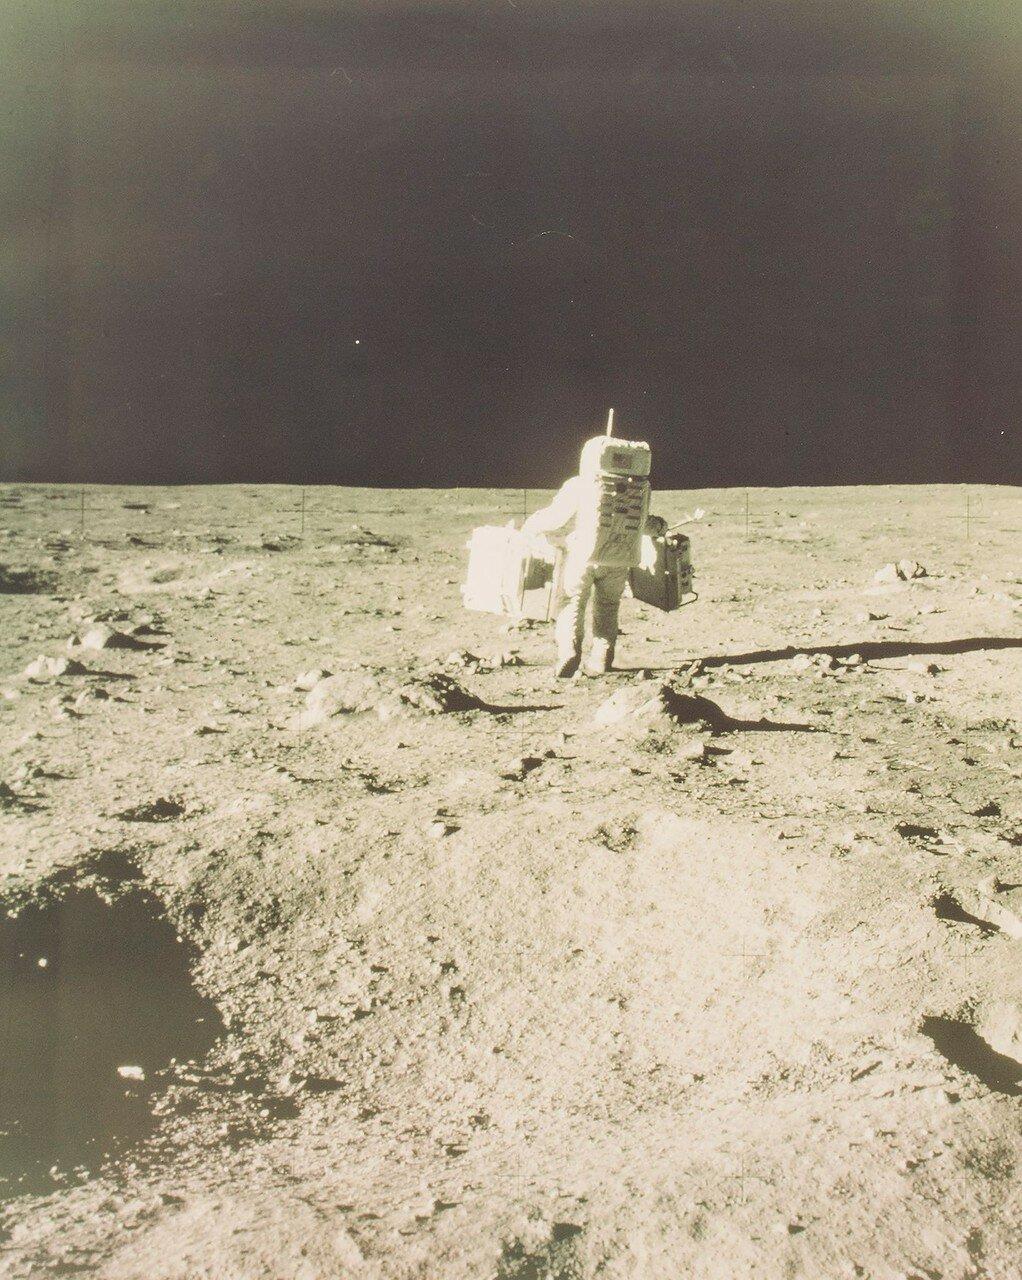 Армстронг фотографировал все стадии этого процесса и разместил уголковый отражатель.     На снимке: Базз Олдрин отходит от Лунного Модуля